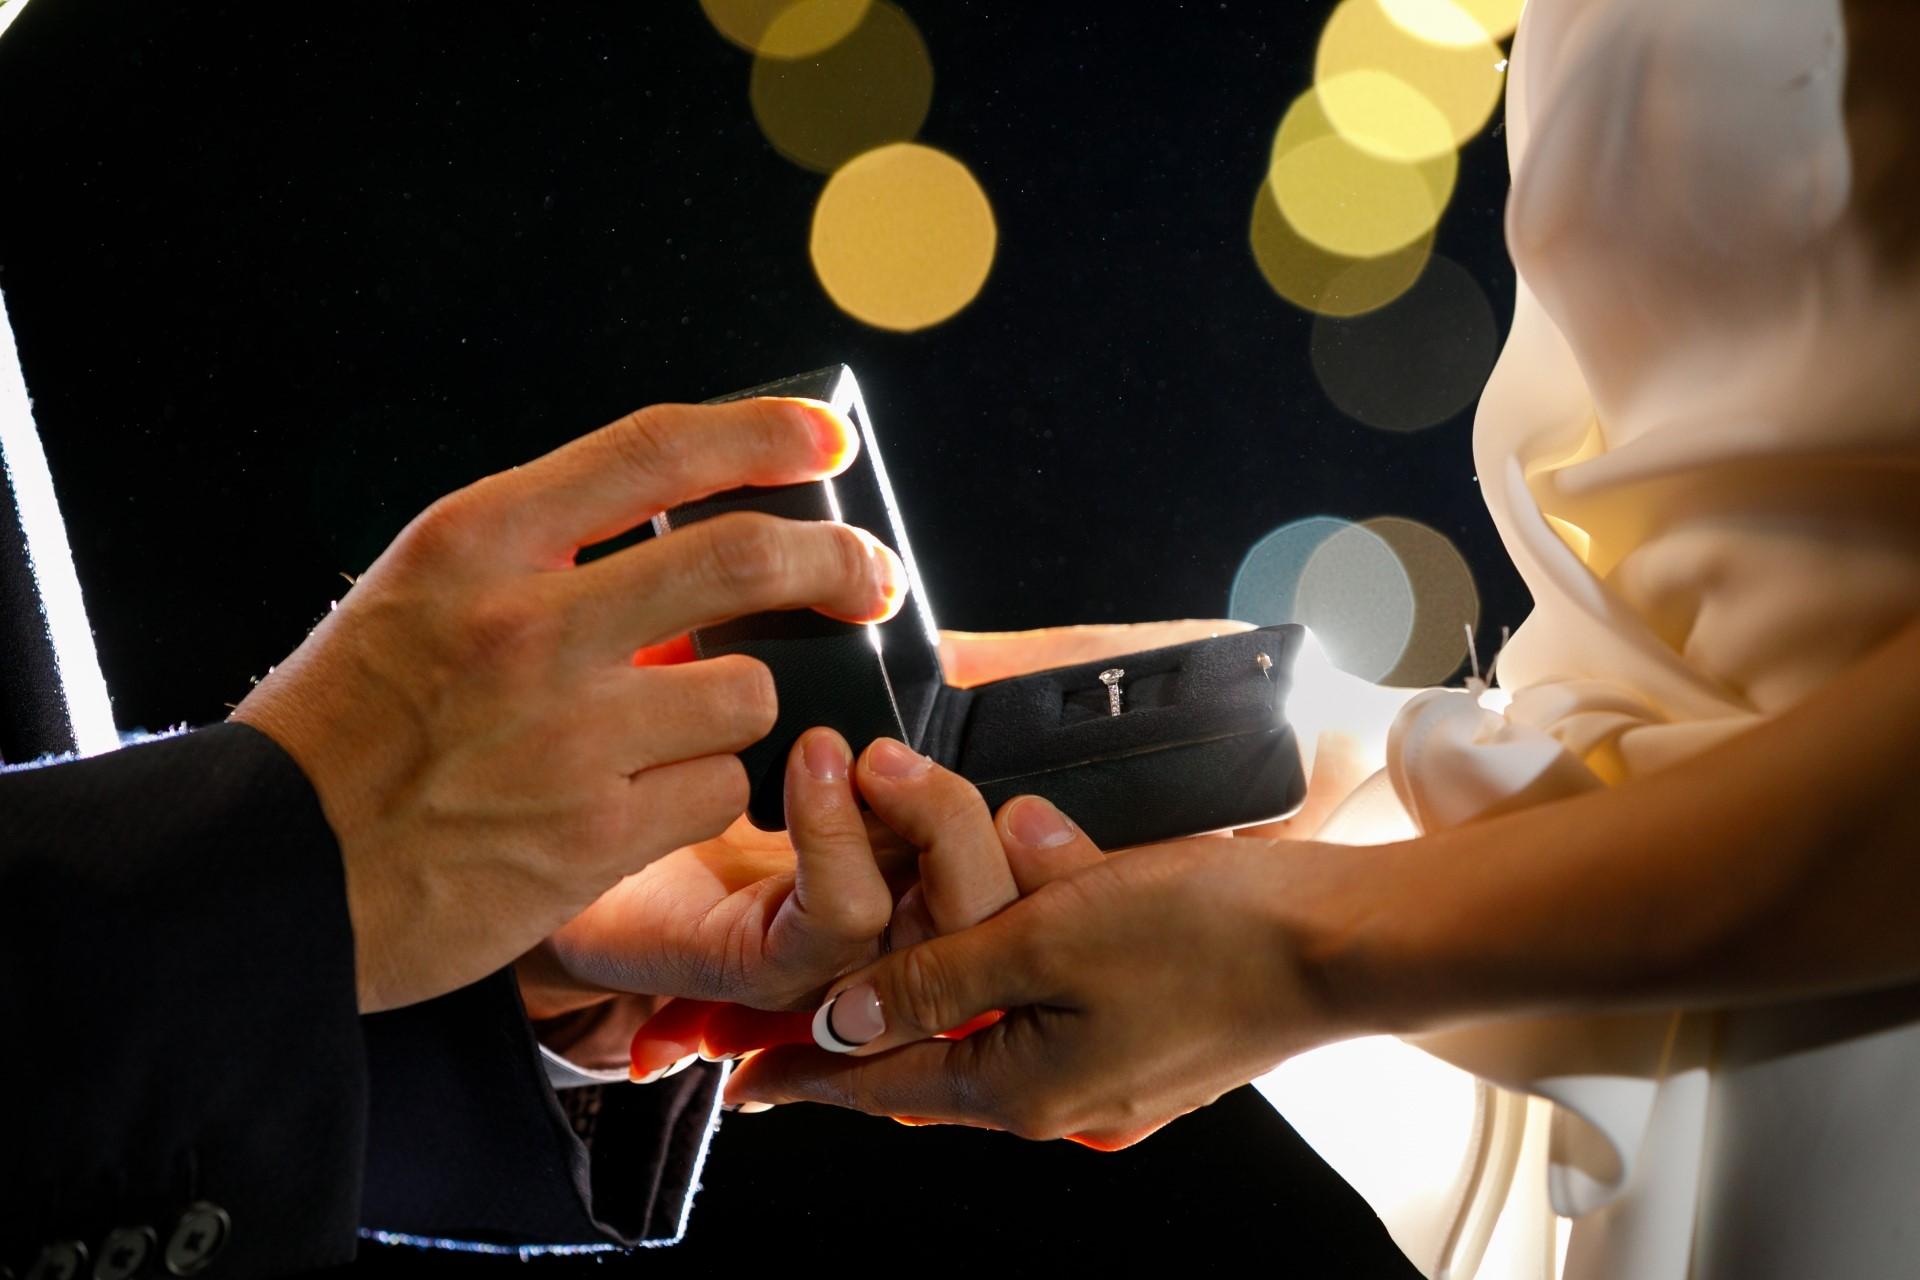 高まる結婚願望(写真はイメージです)【写真:写真AC】